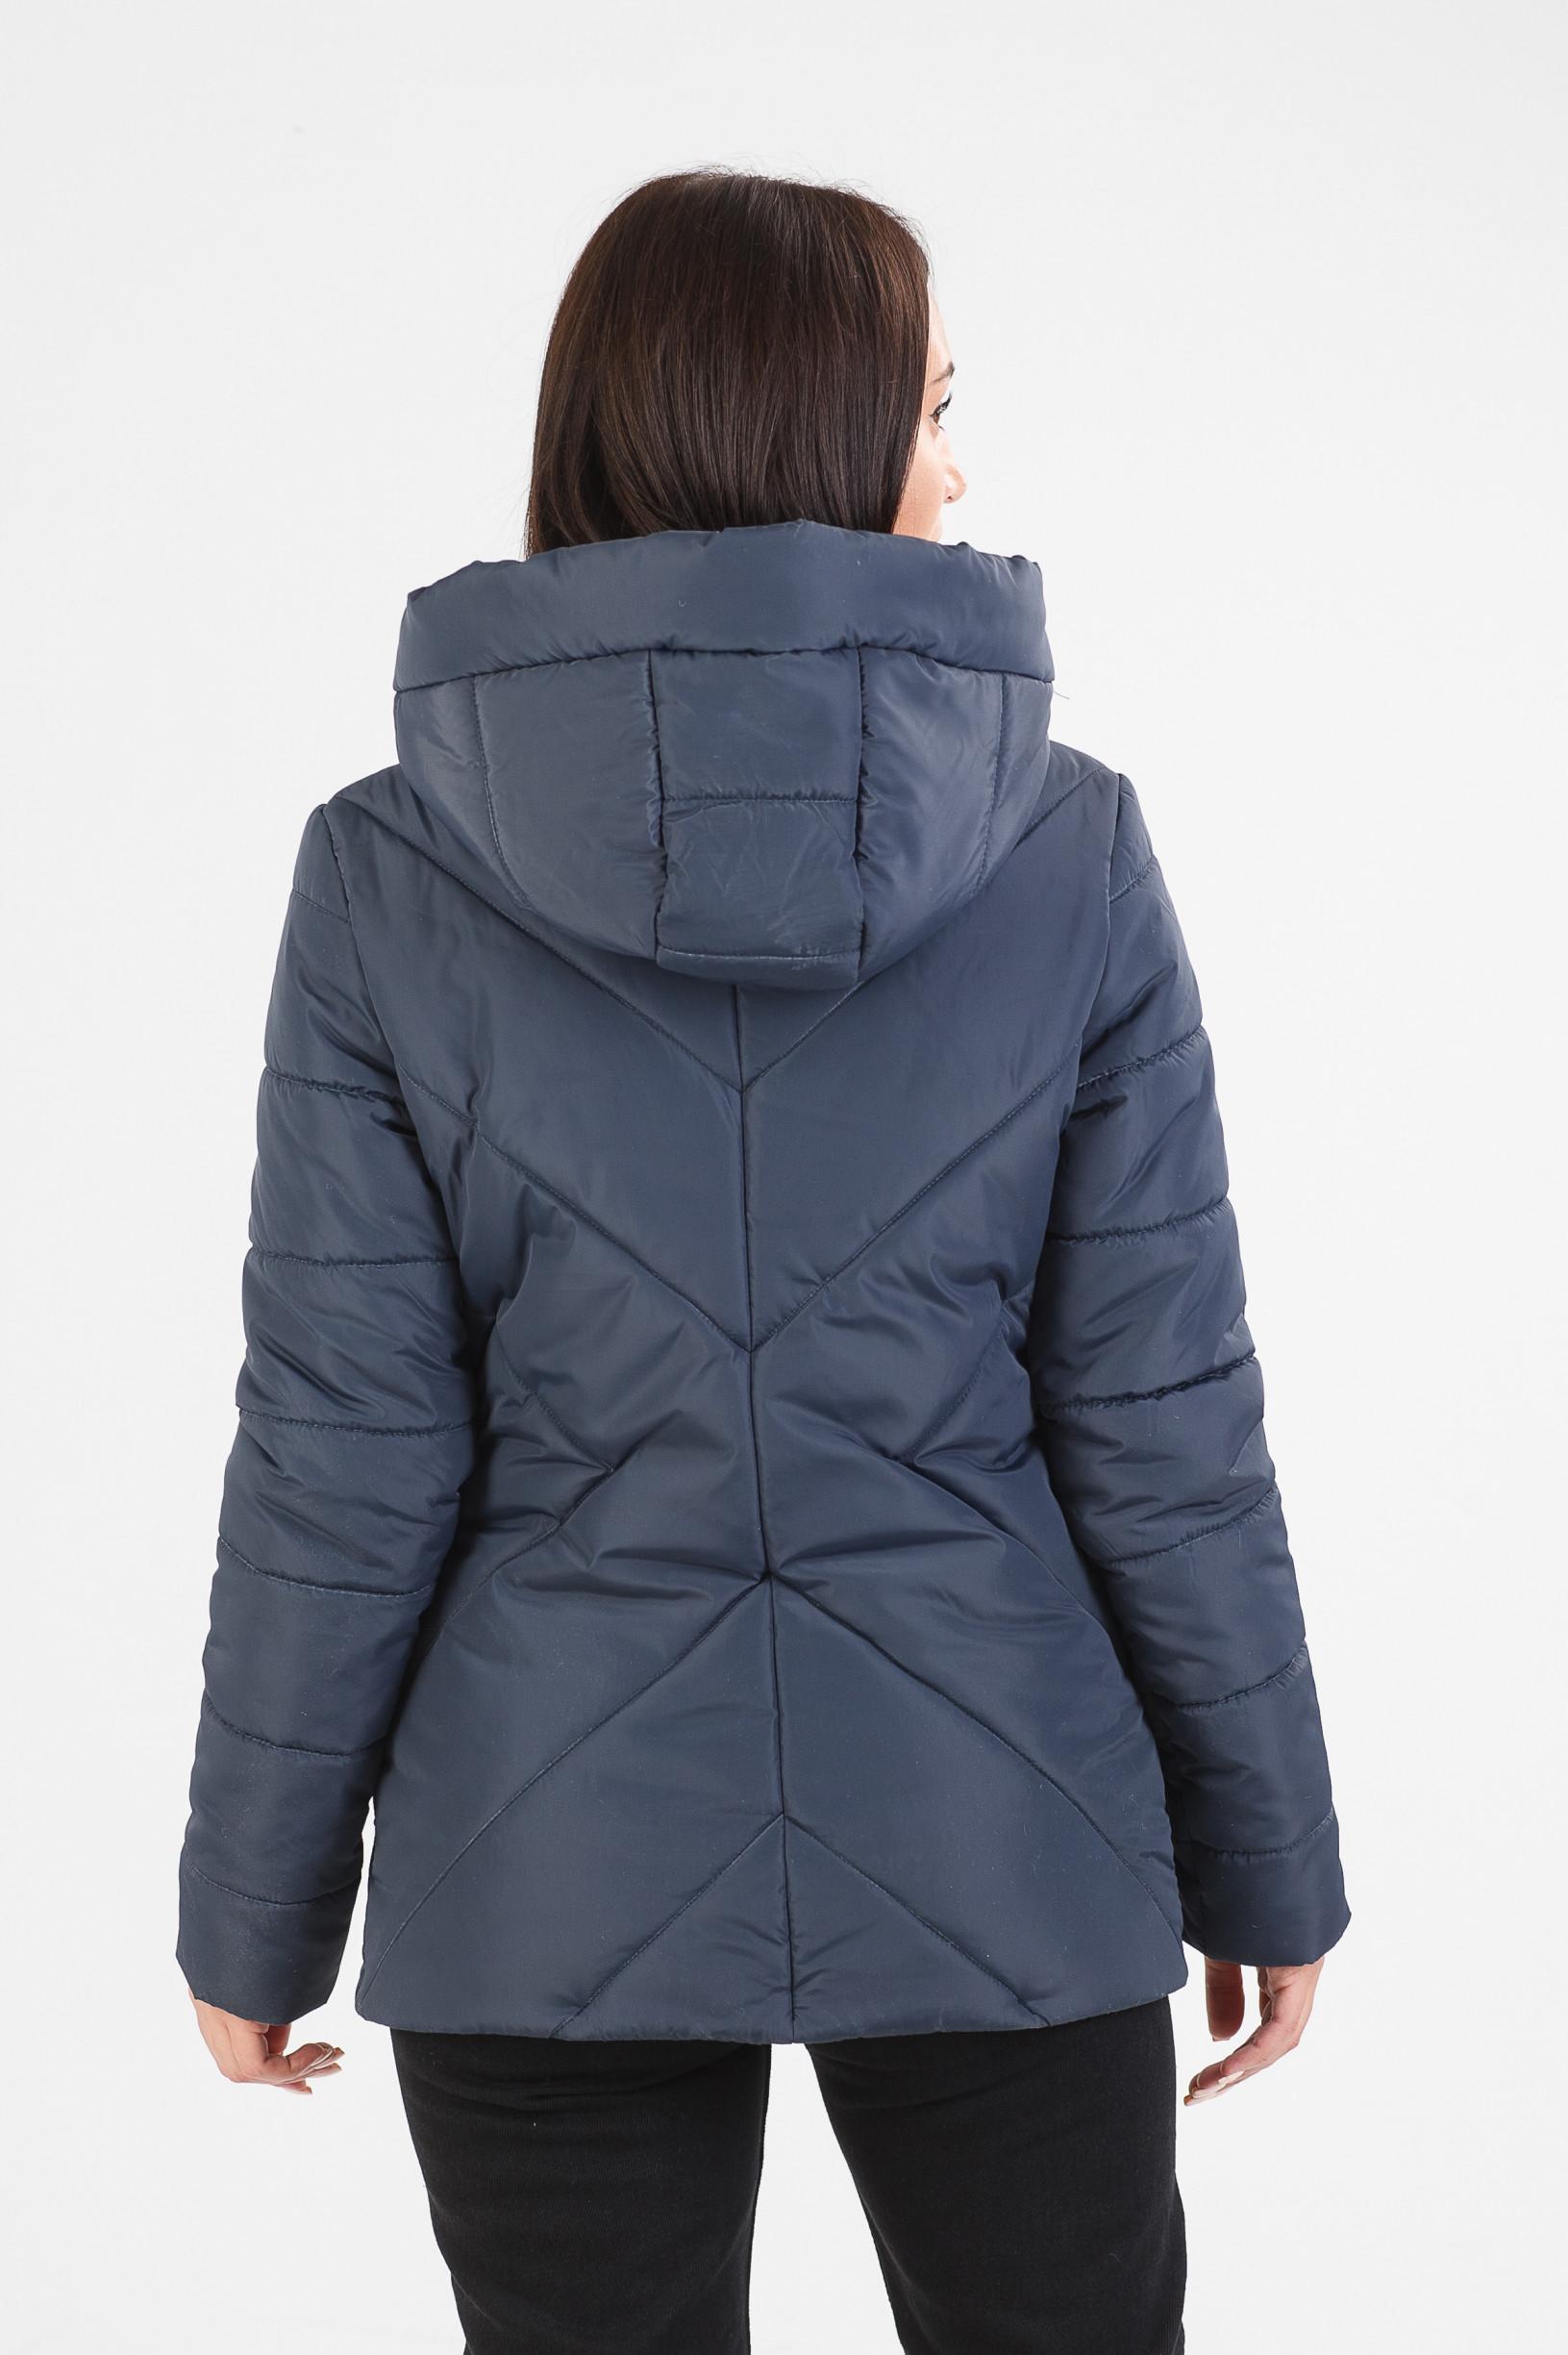 Стильная синяя куртка Обри